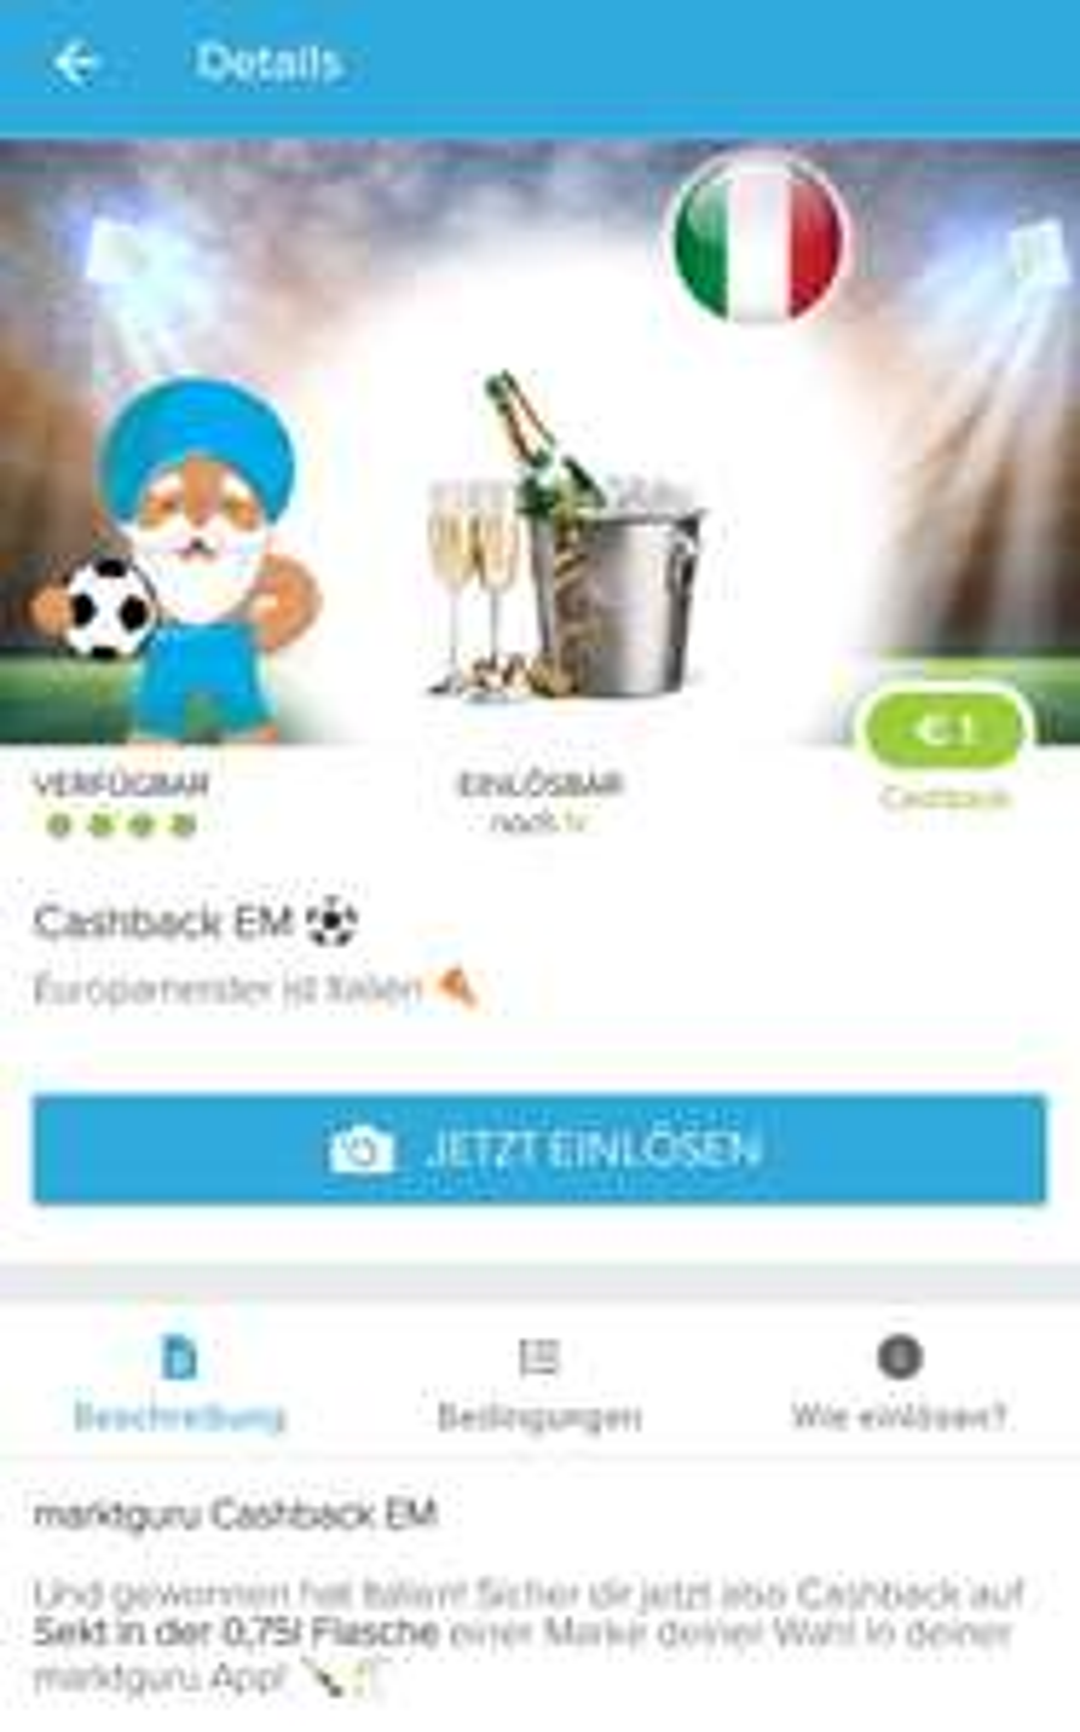 [Marktguru] 1€ Cashback beim kauf von einer 0,75l Flasche Sekt